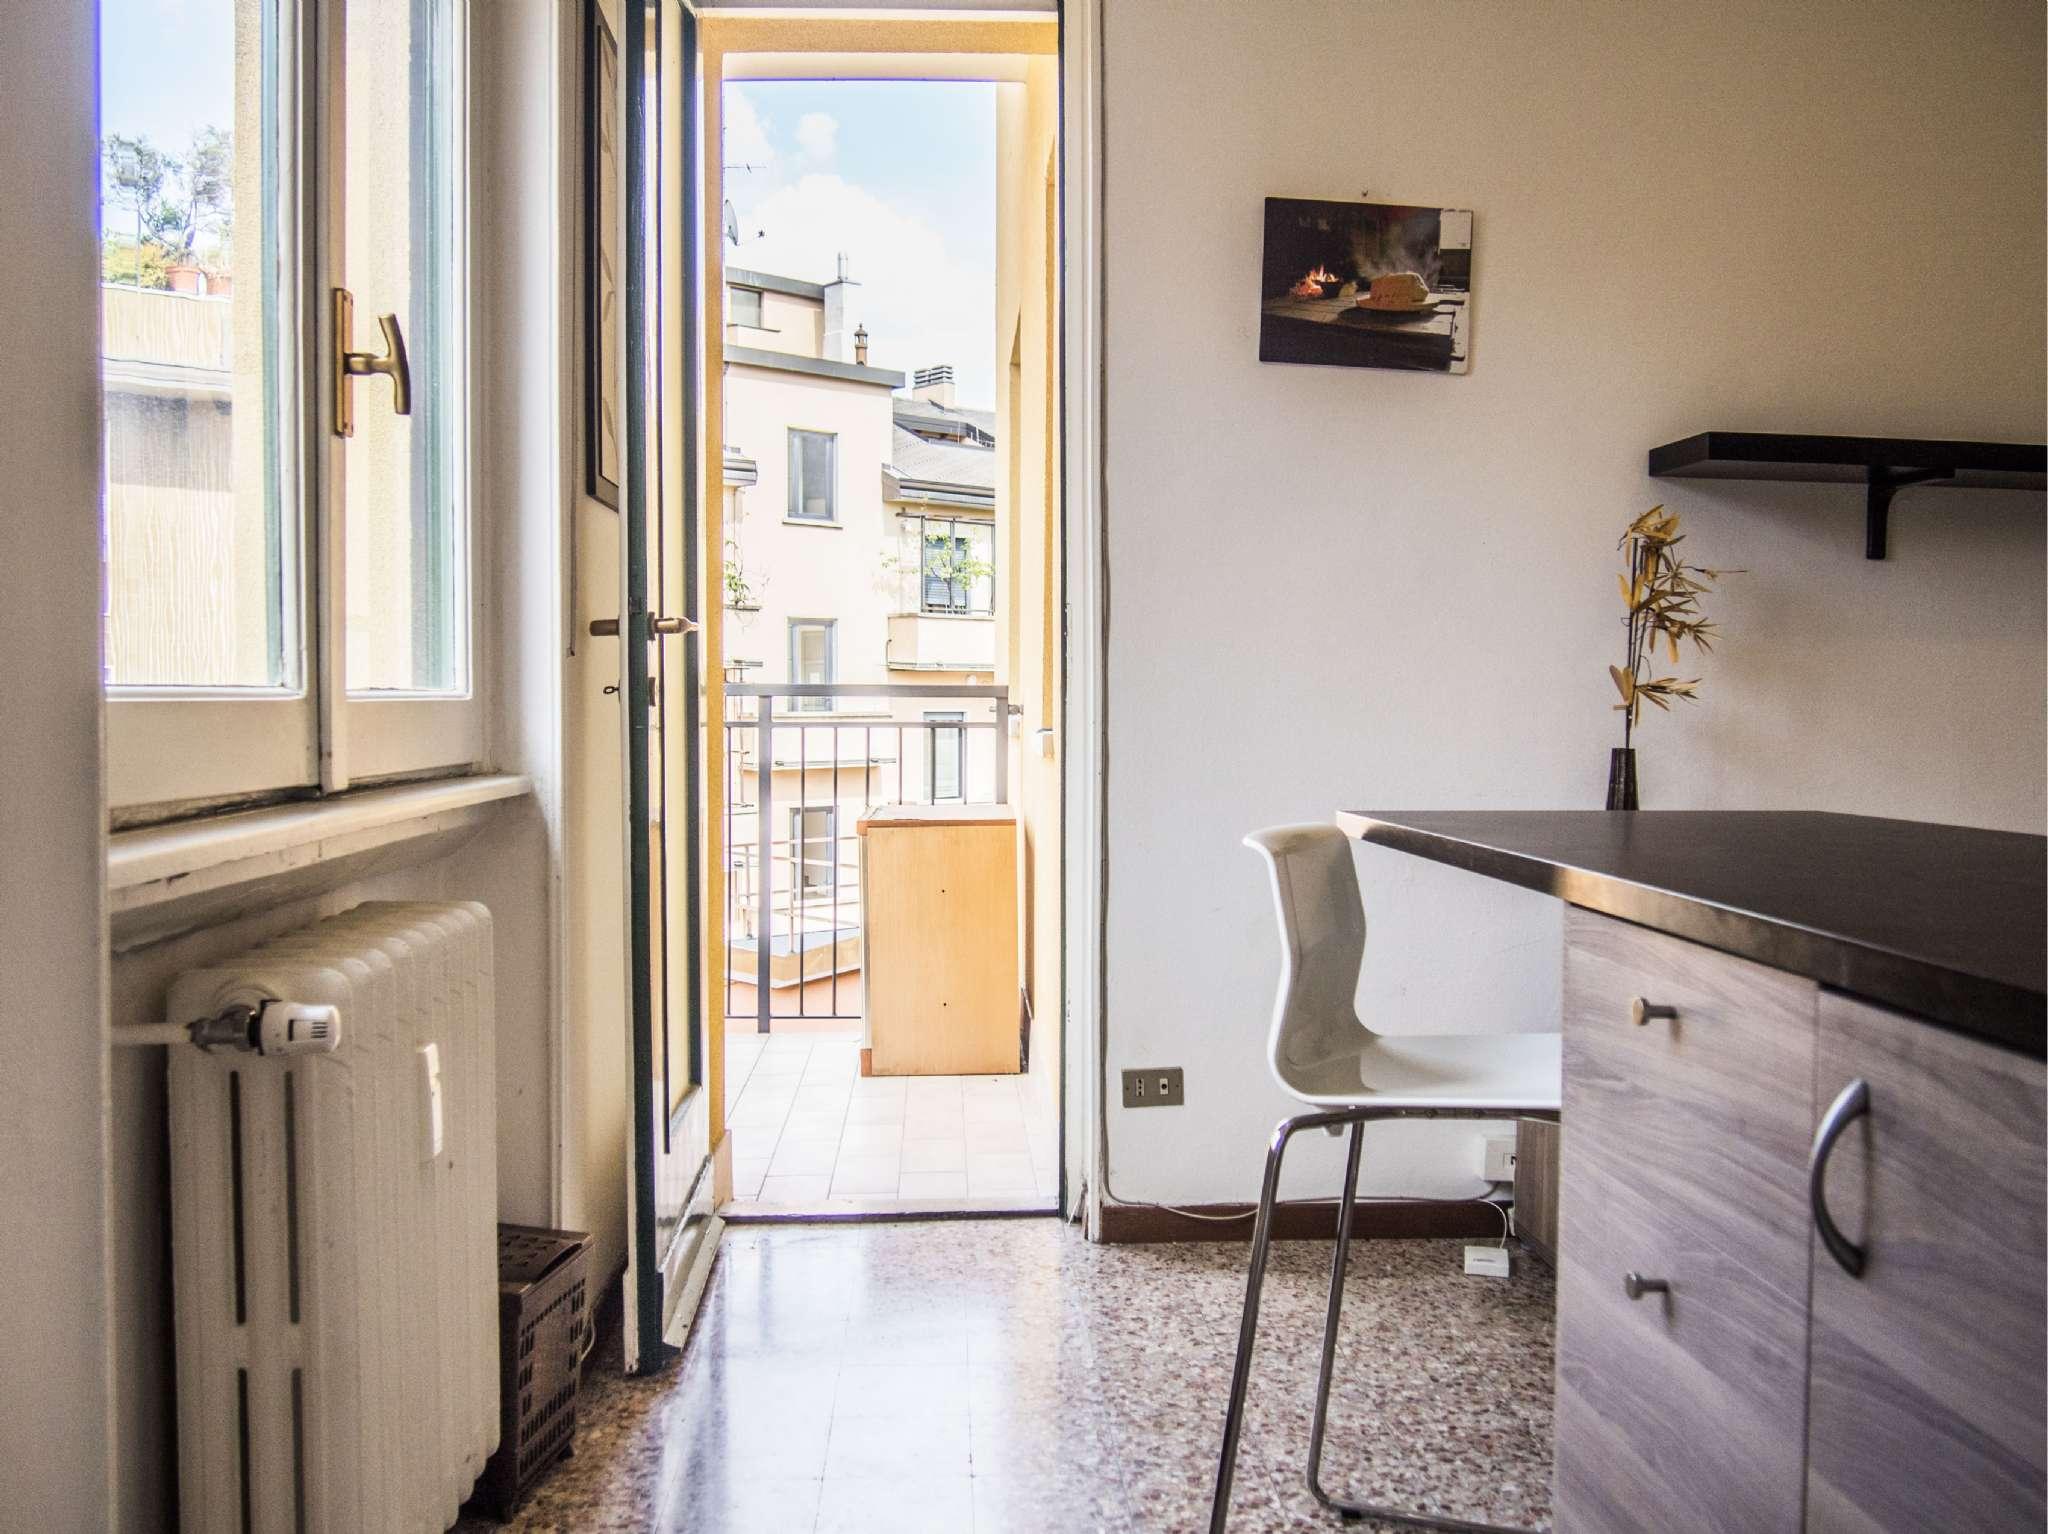 Milano Milano Affitto APPARTAMENTO , cerco casa in affitto torino